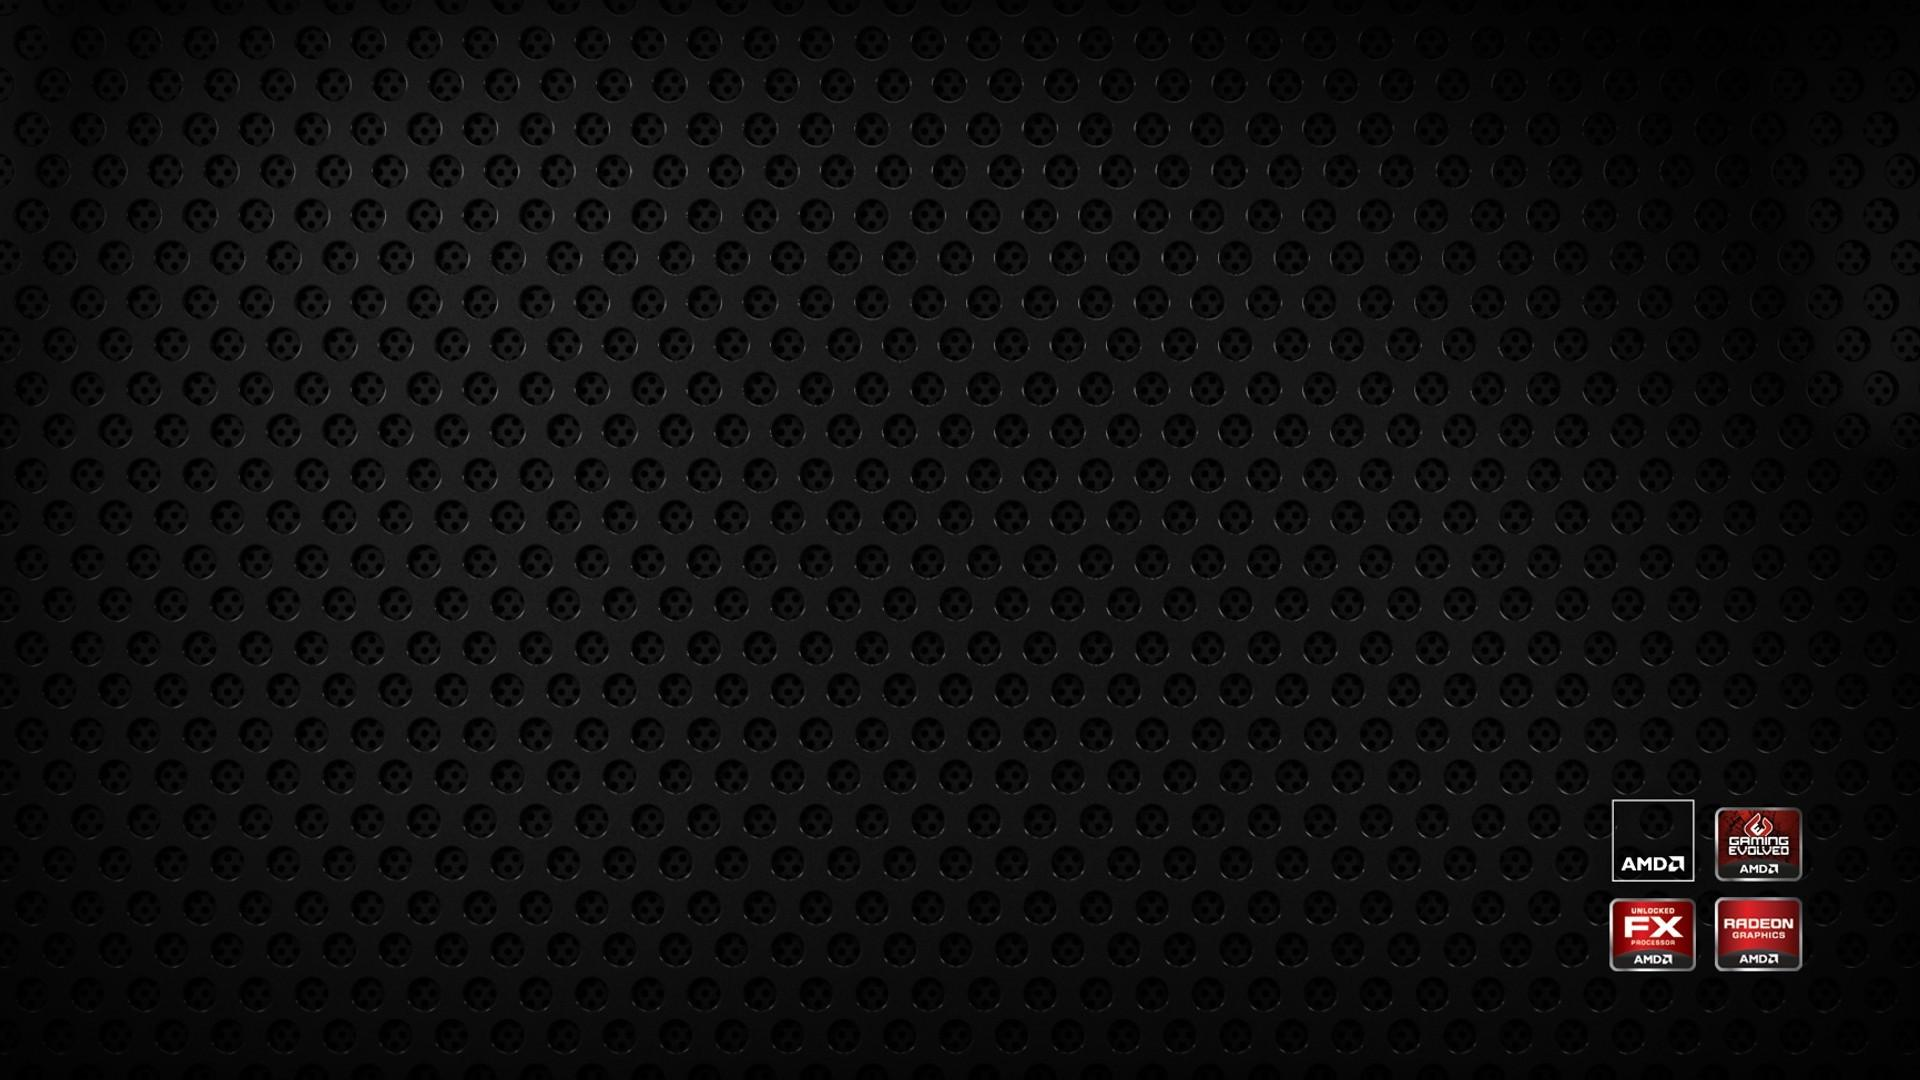 advanced micro devices fx processor radeon mesh wallpaper 81139 1920x1080